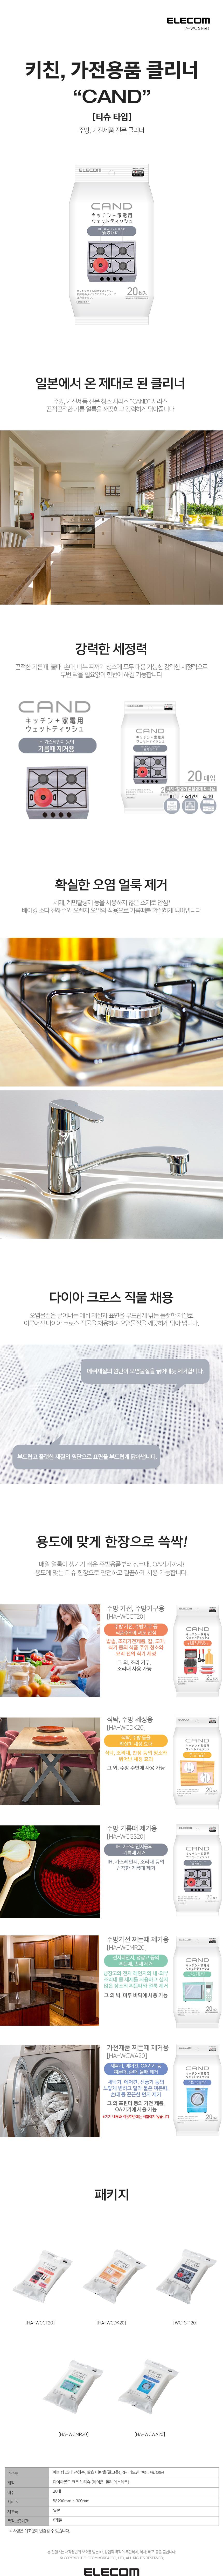 키친 가전용품 클리너 CAND 주방 기름때 제거용 - 엘레컴, 8,500원, 청소도구, 걸레